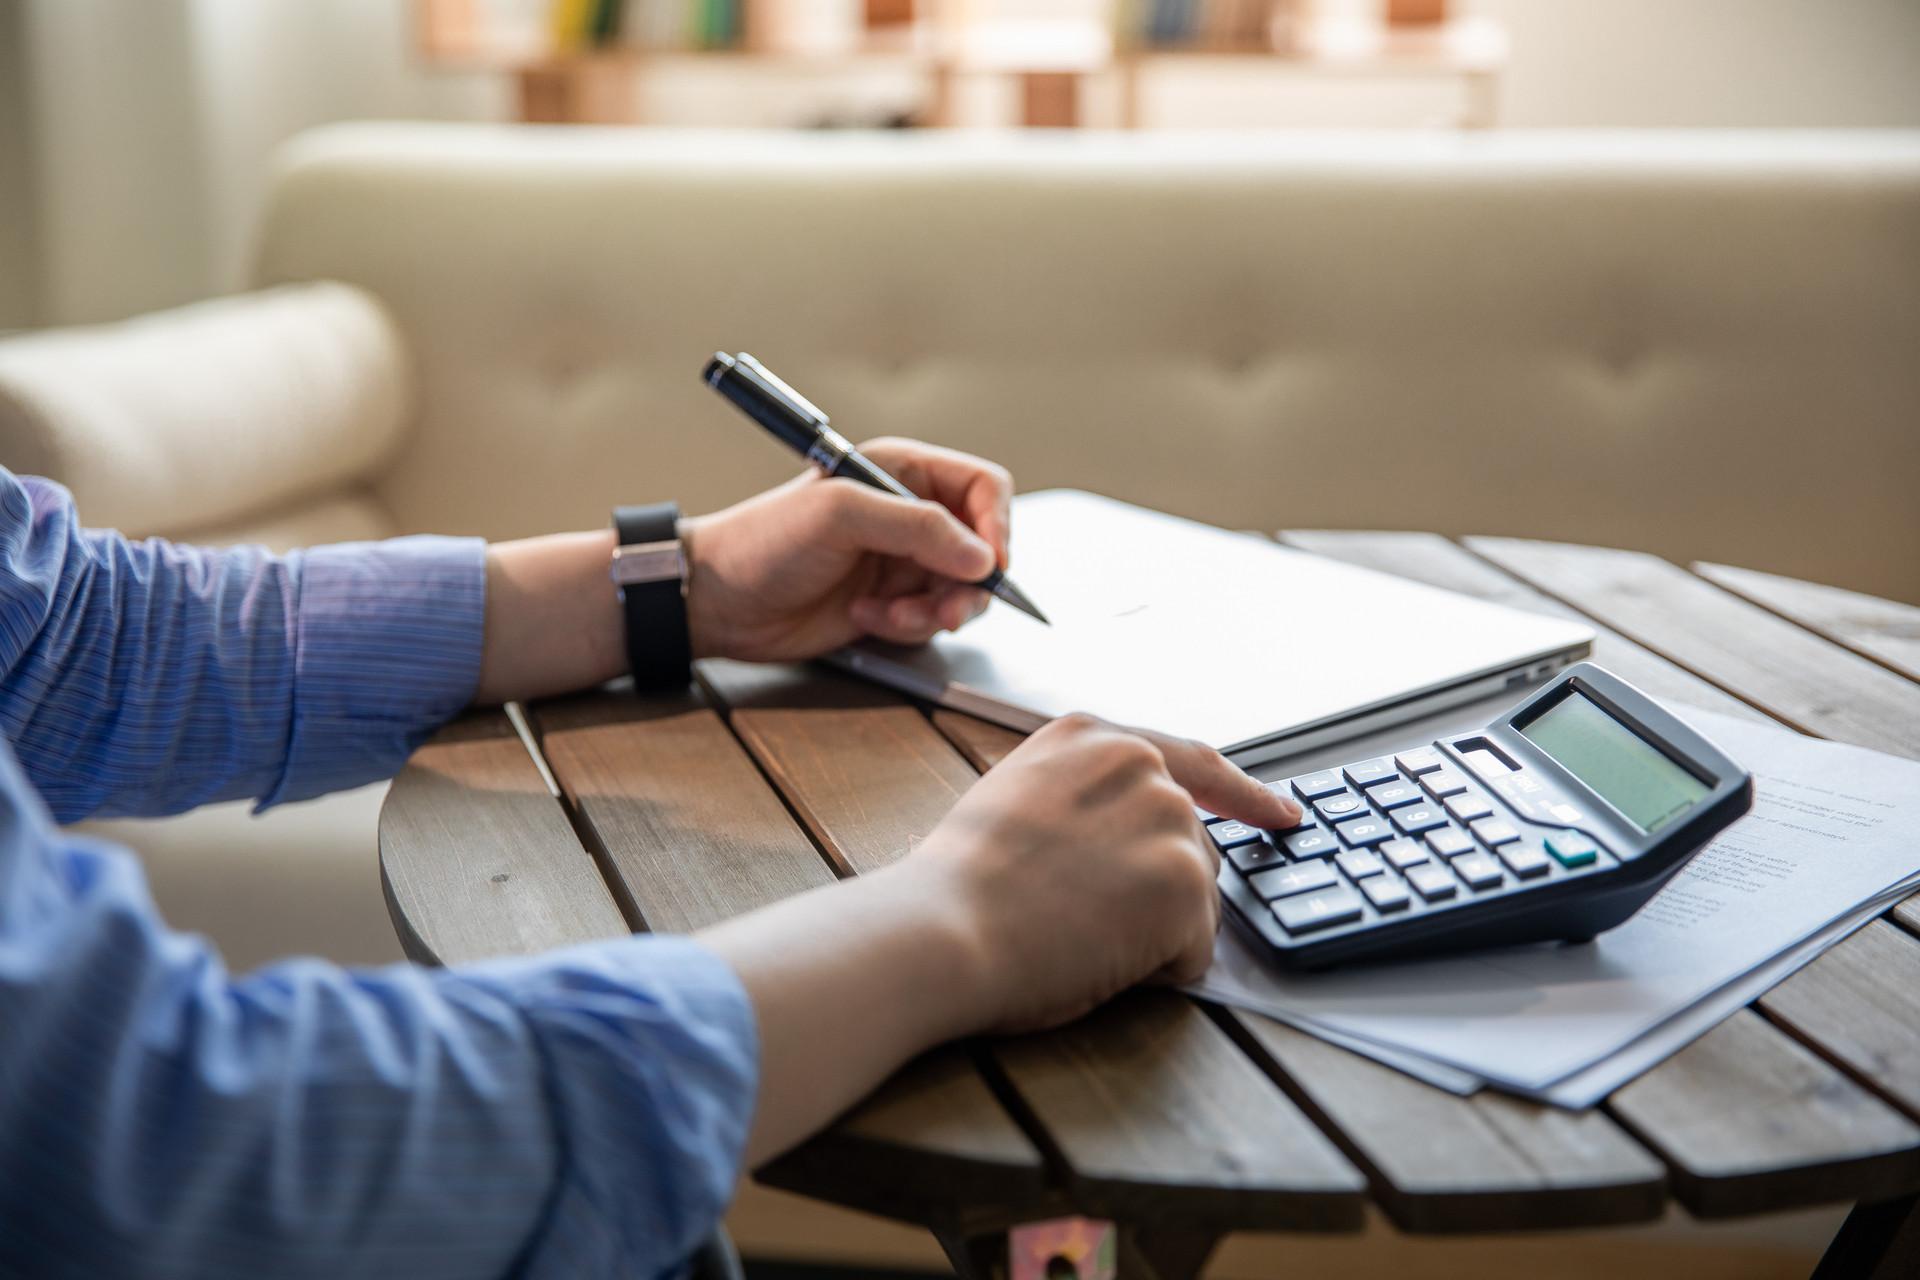 企业为员工缴纳社保的方式有哪些?